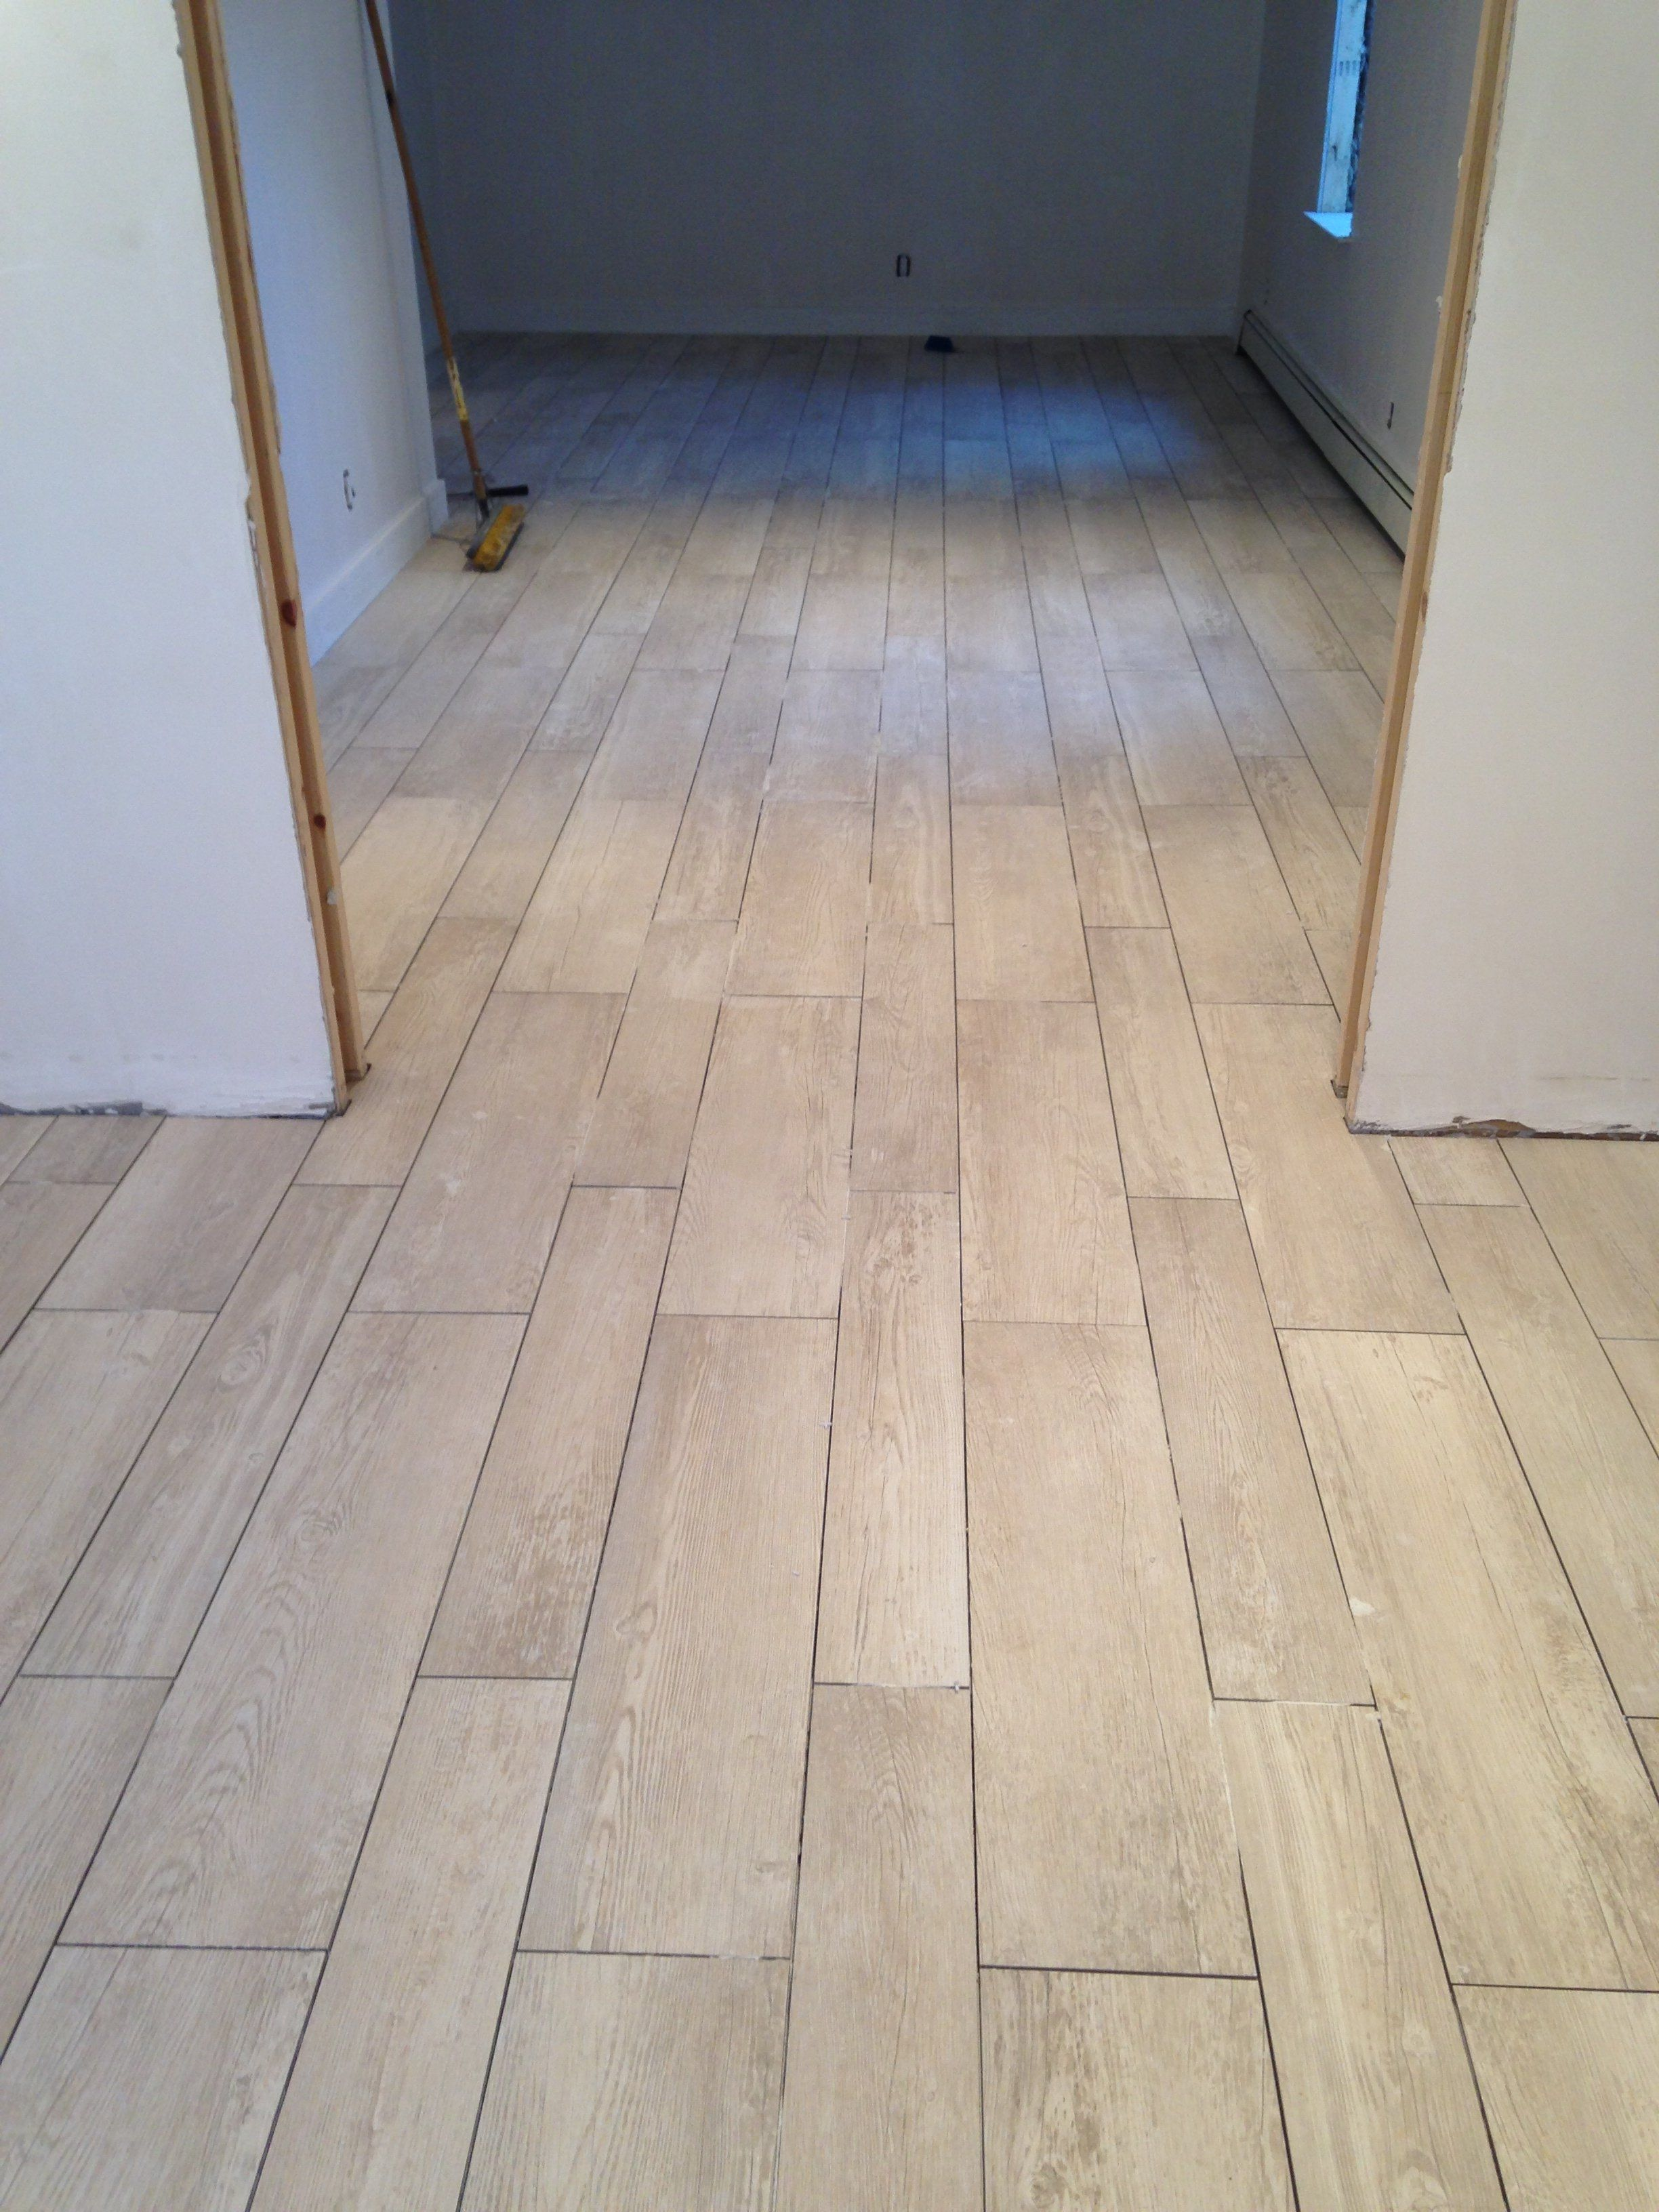 Porcelain Floor Tile That Looks Like Wood Planks  Wood look tile